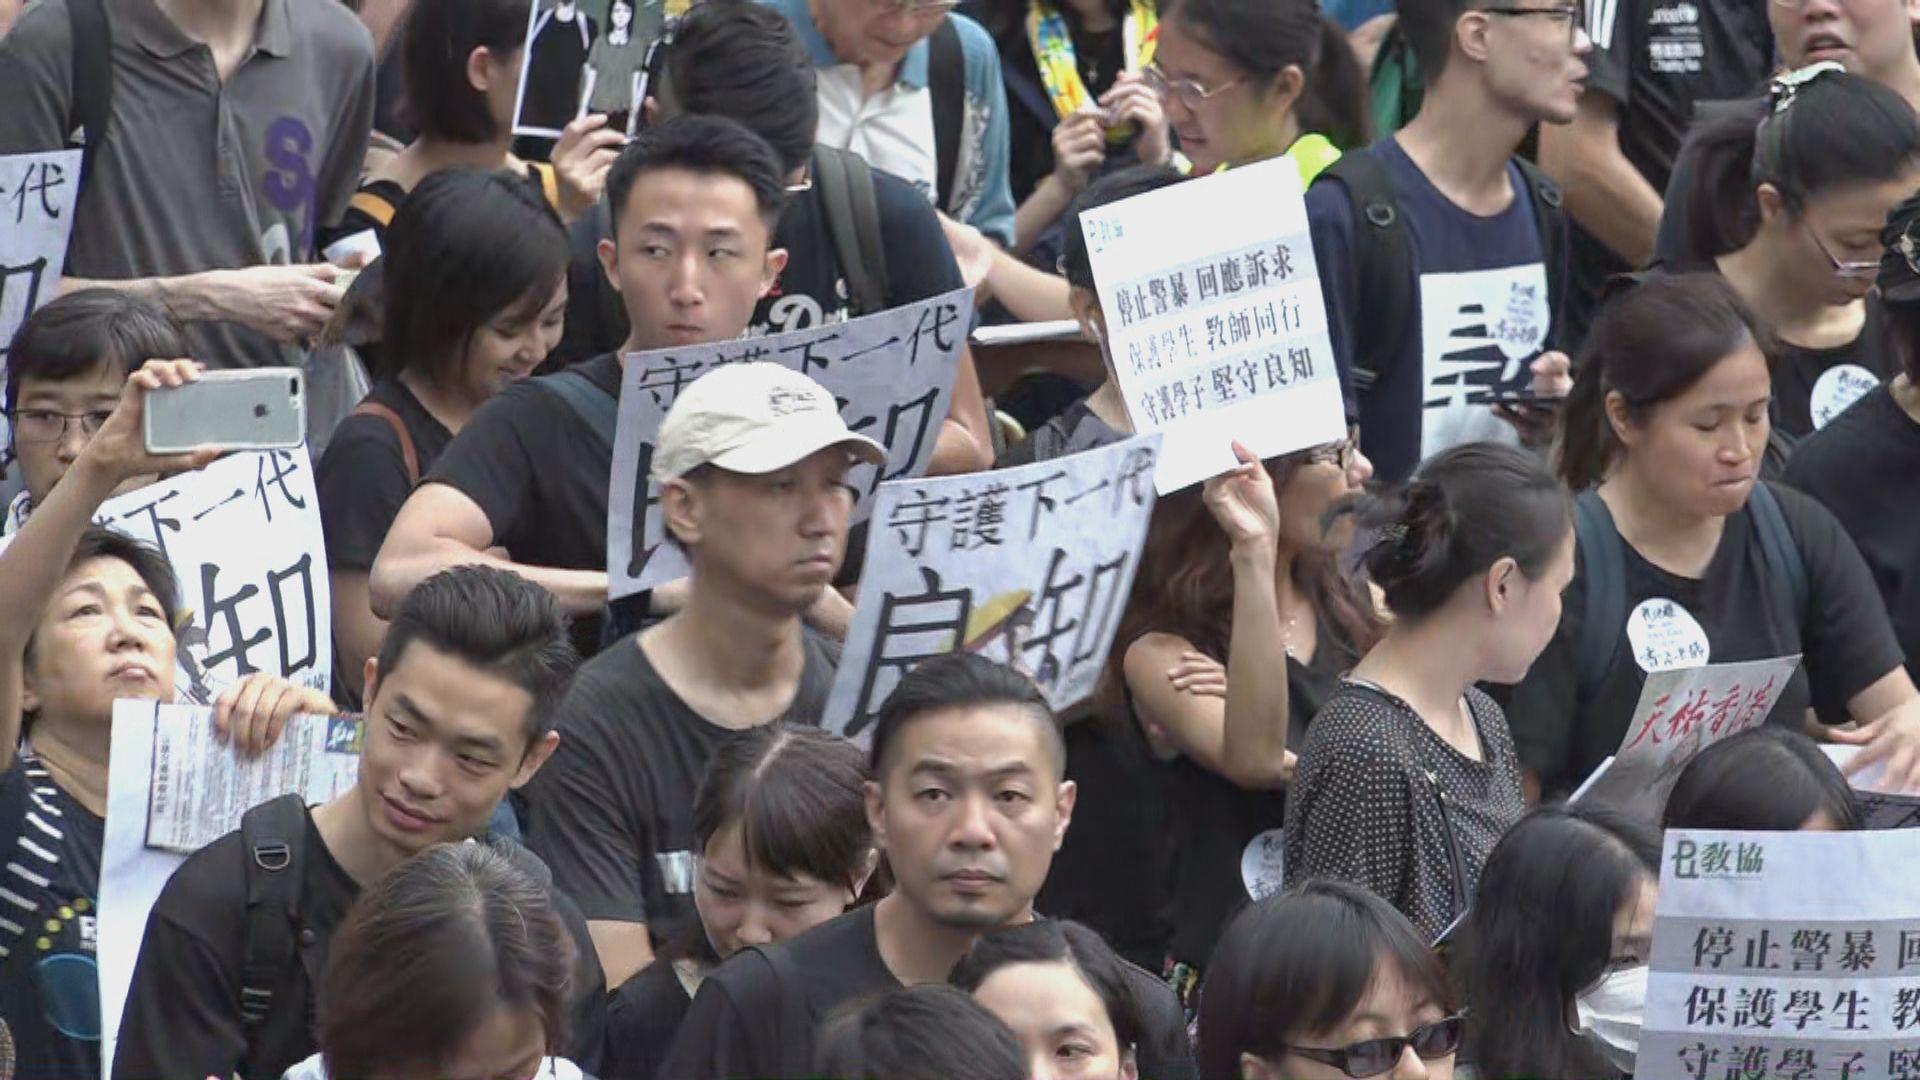 教育界雨中遊行 促政府化解社會矛盾衝突